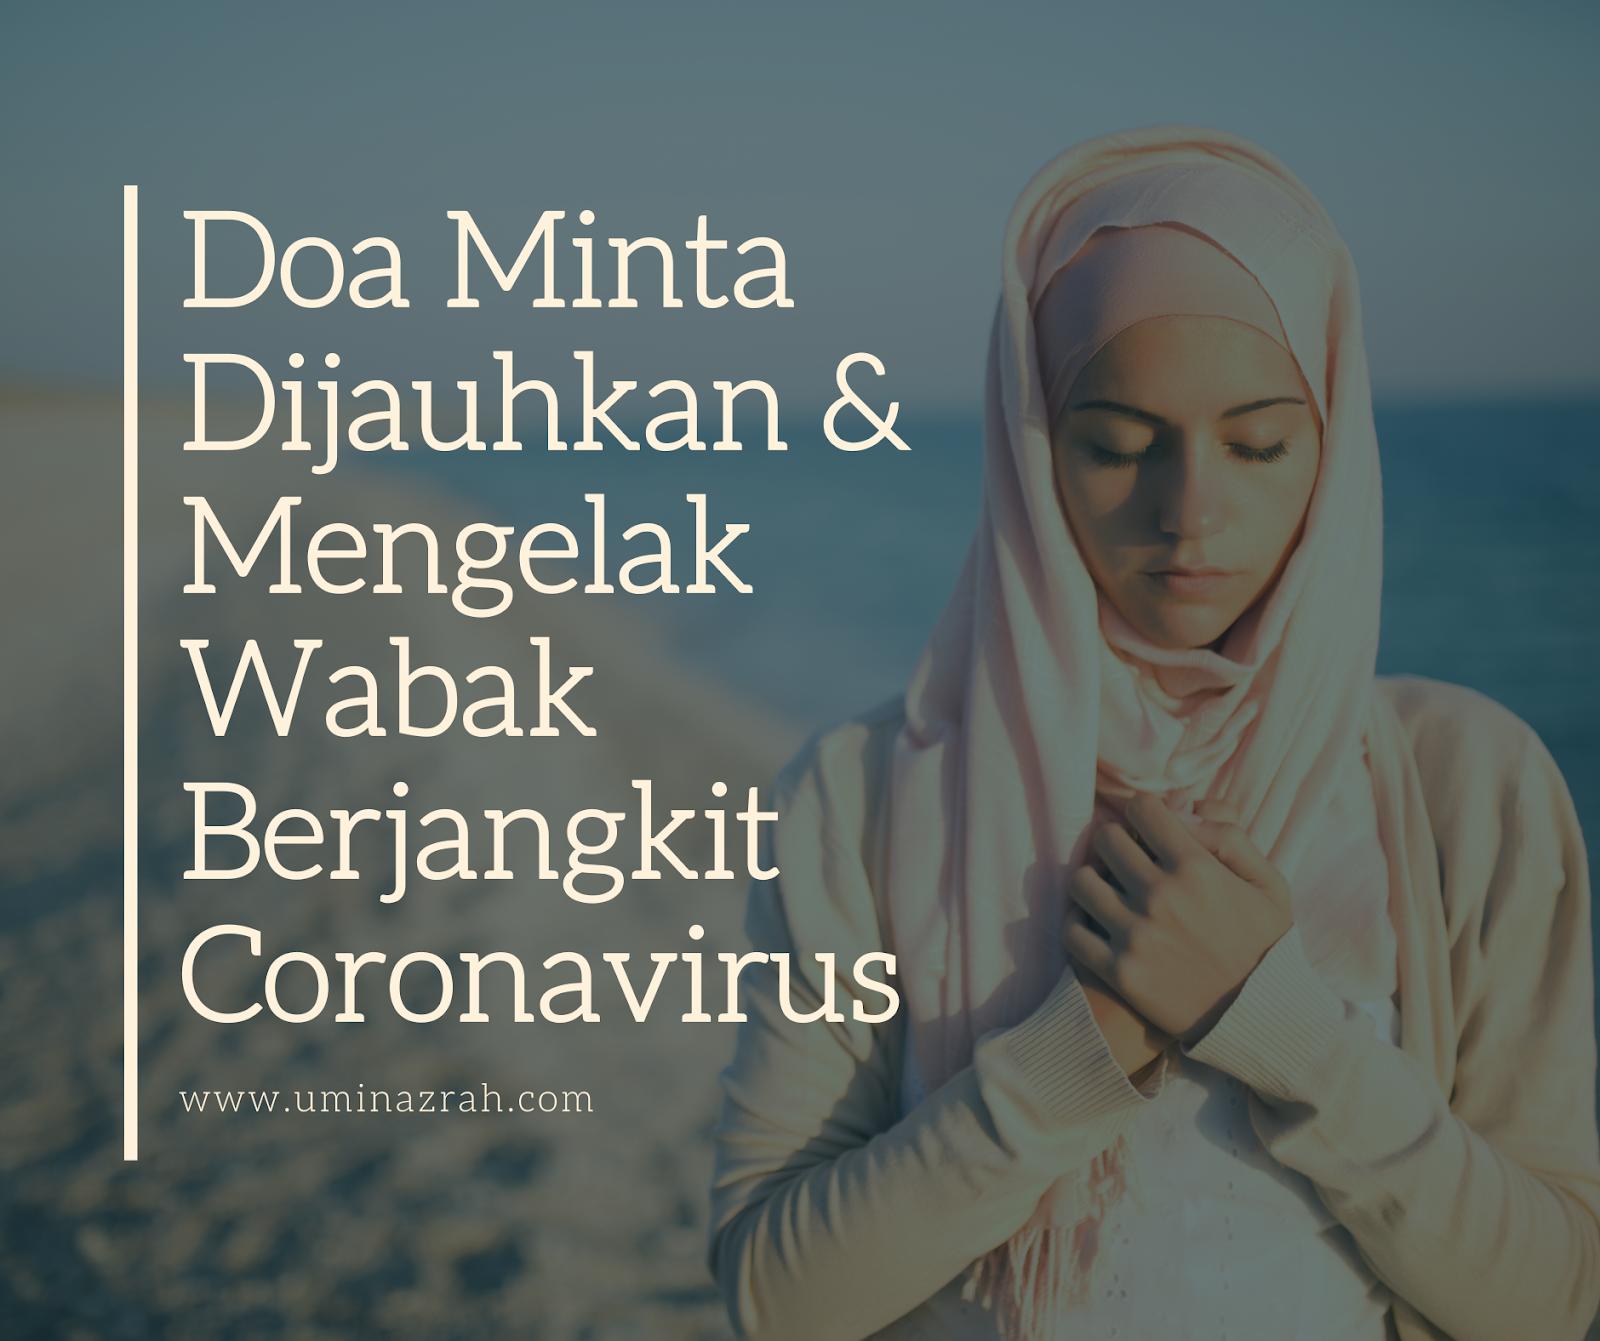 Doa Minta Dijauhkan & Mengelak Wabak Berjangkit Coronavirus